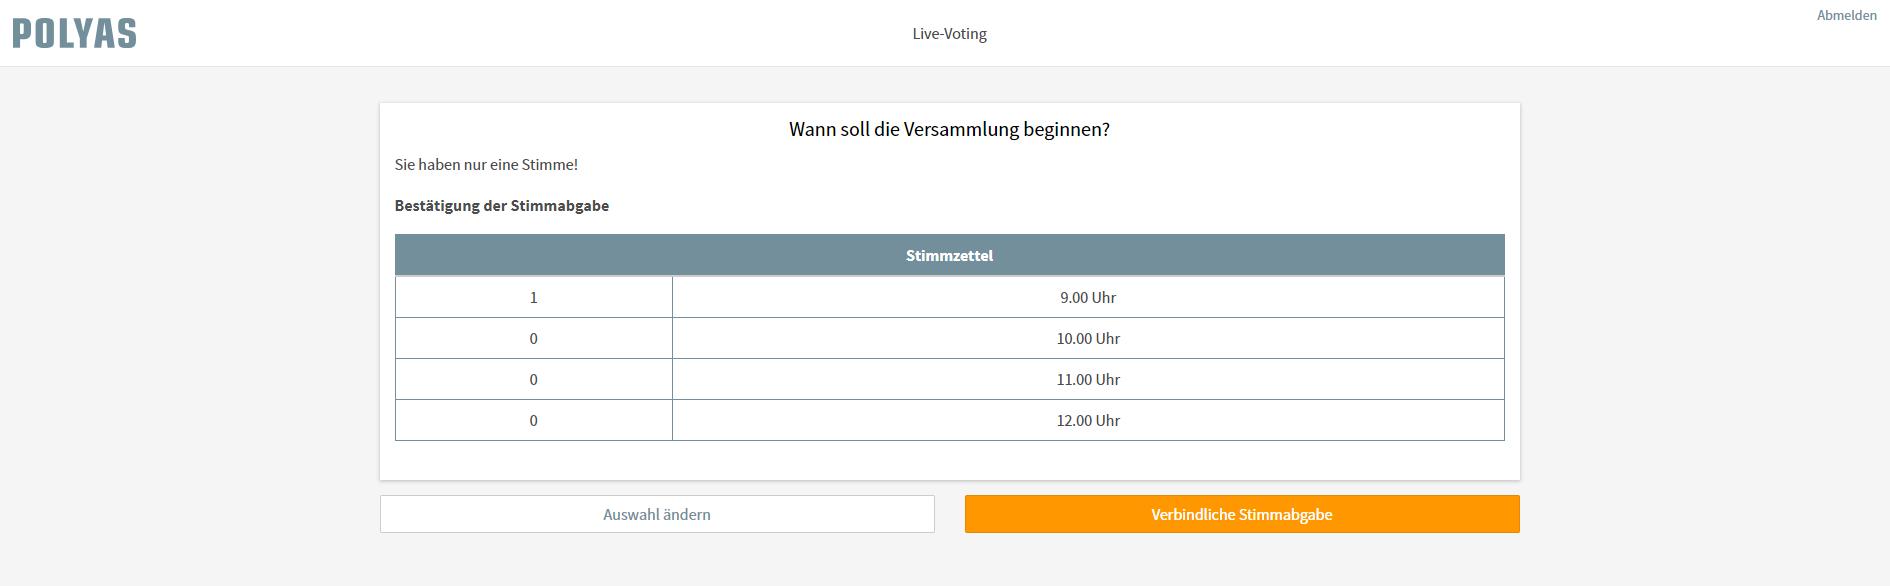 Die verbindlichen Stimmabgabe ist der letzte Schritt beim Live Voting